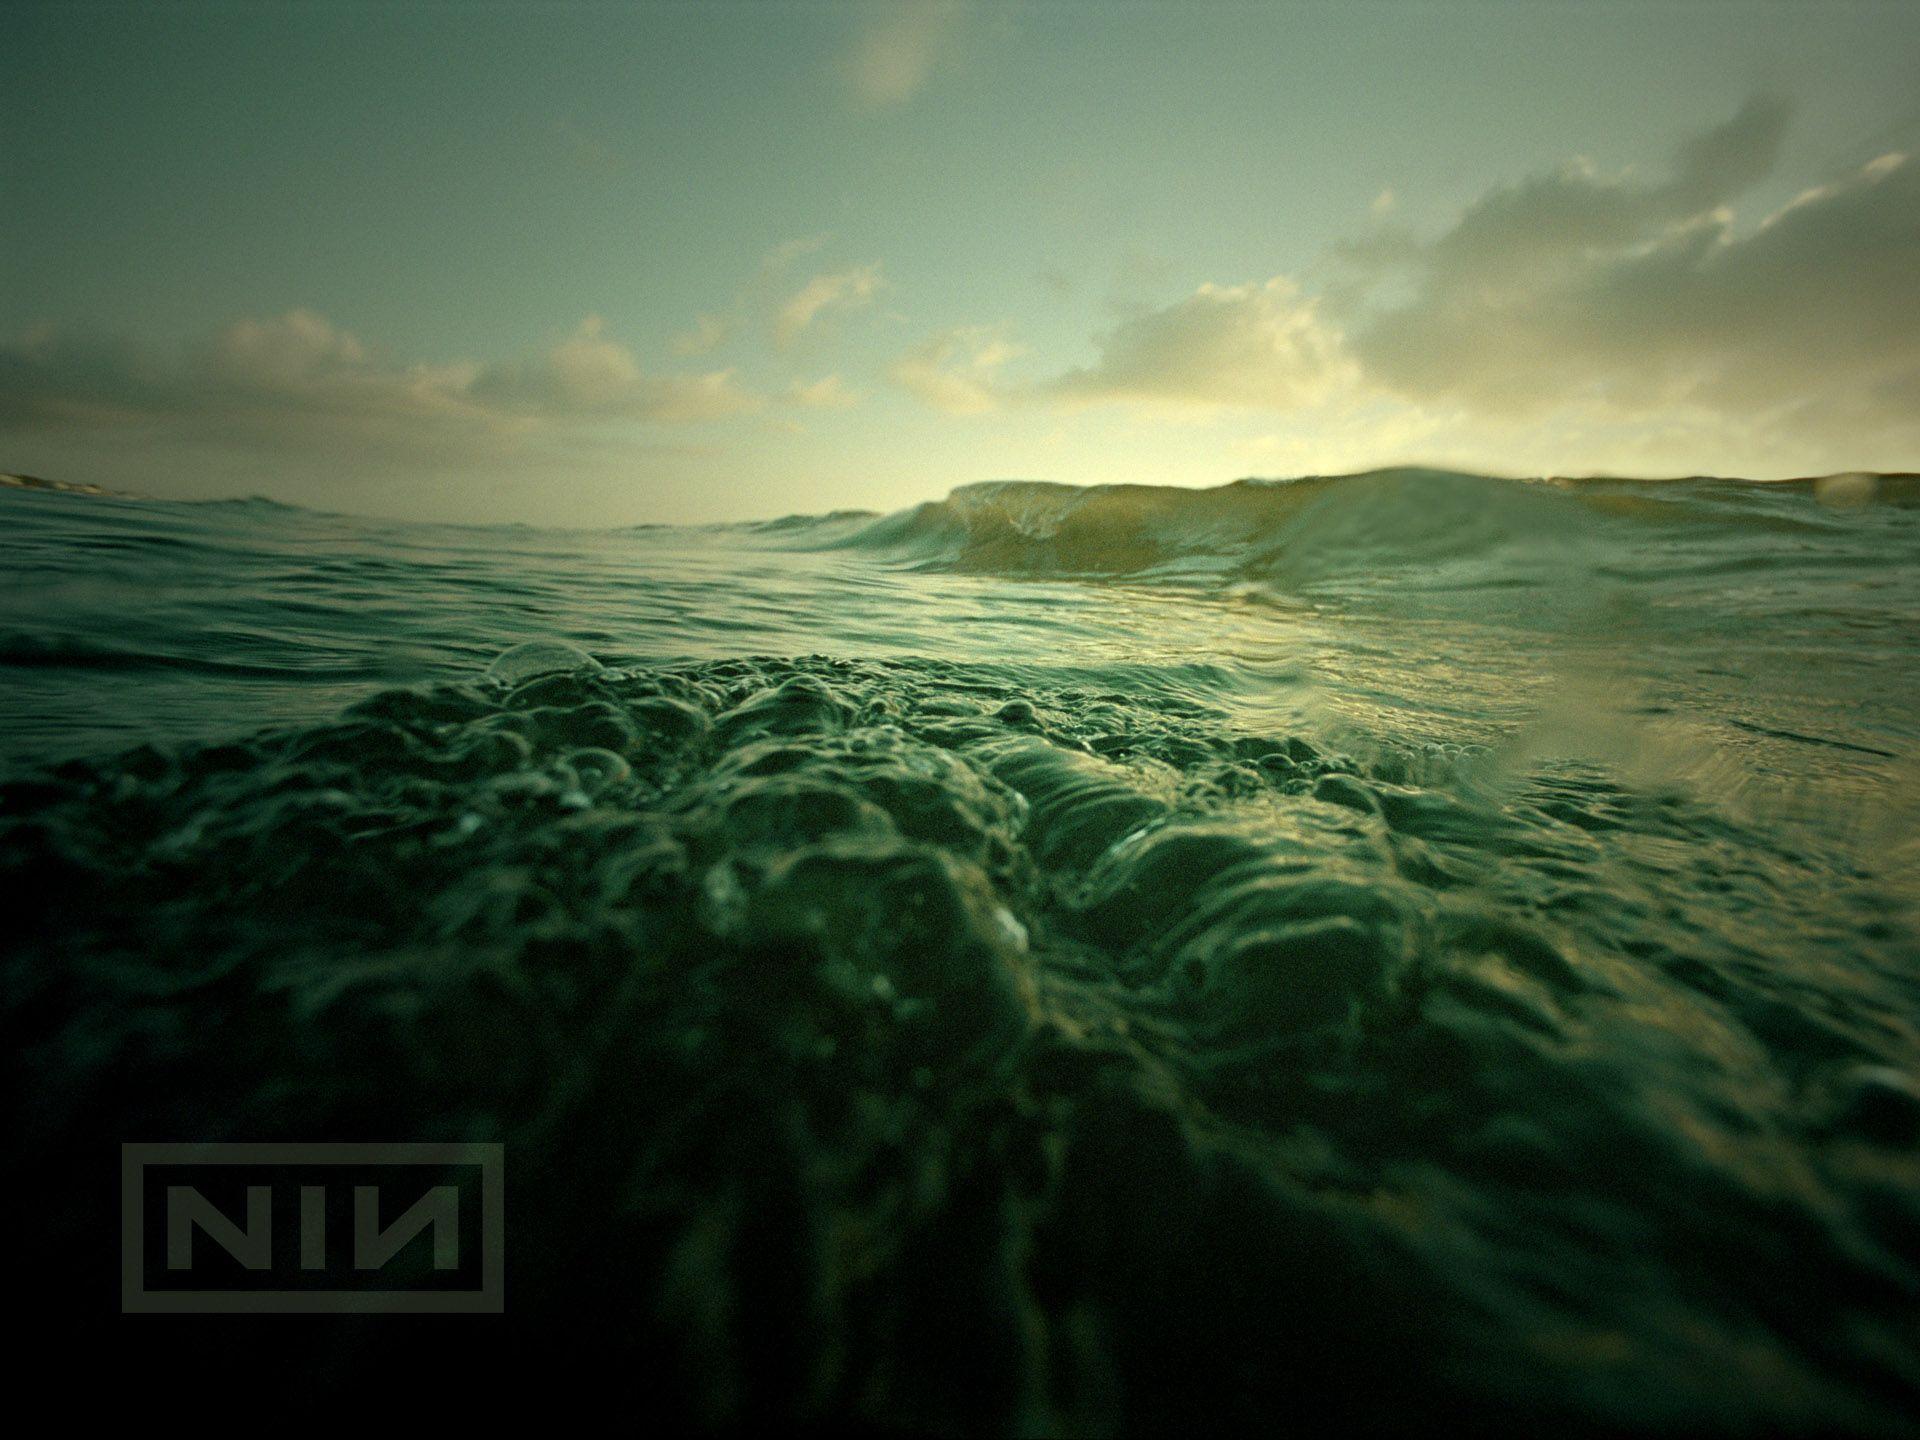 Nine Inch Nails Wallpaper HD - WallpaperSafari